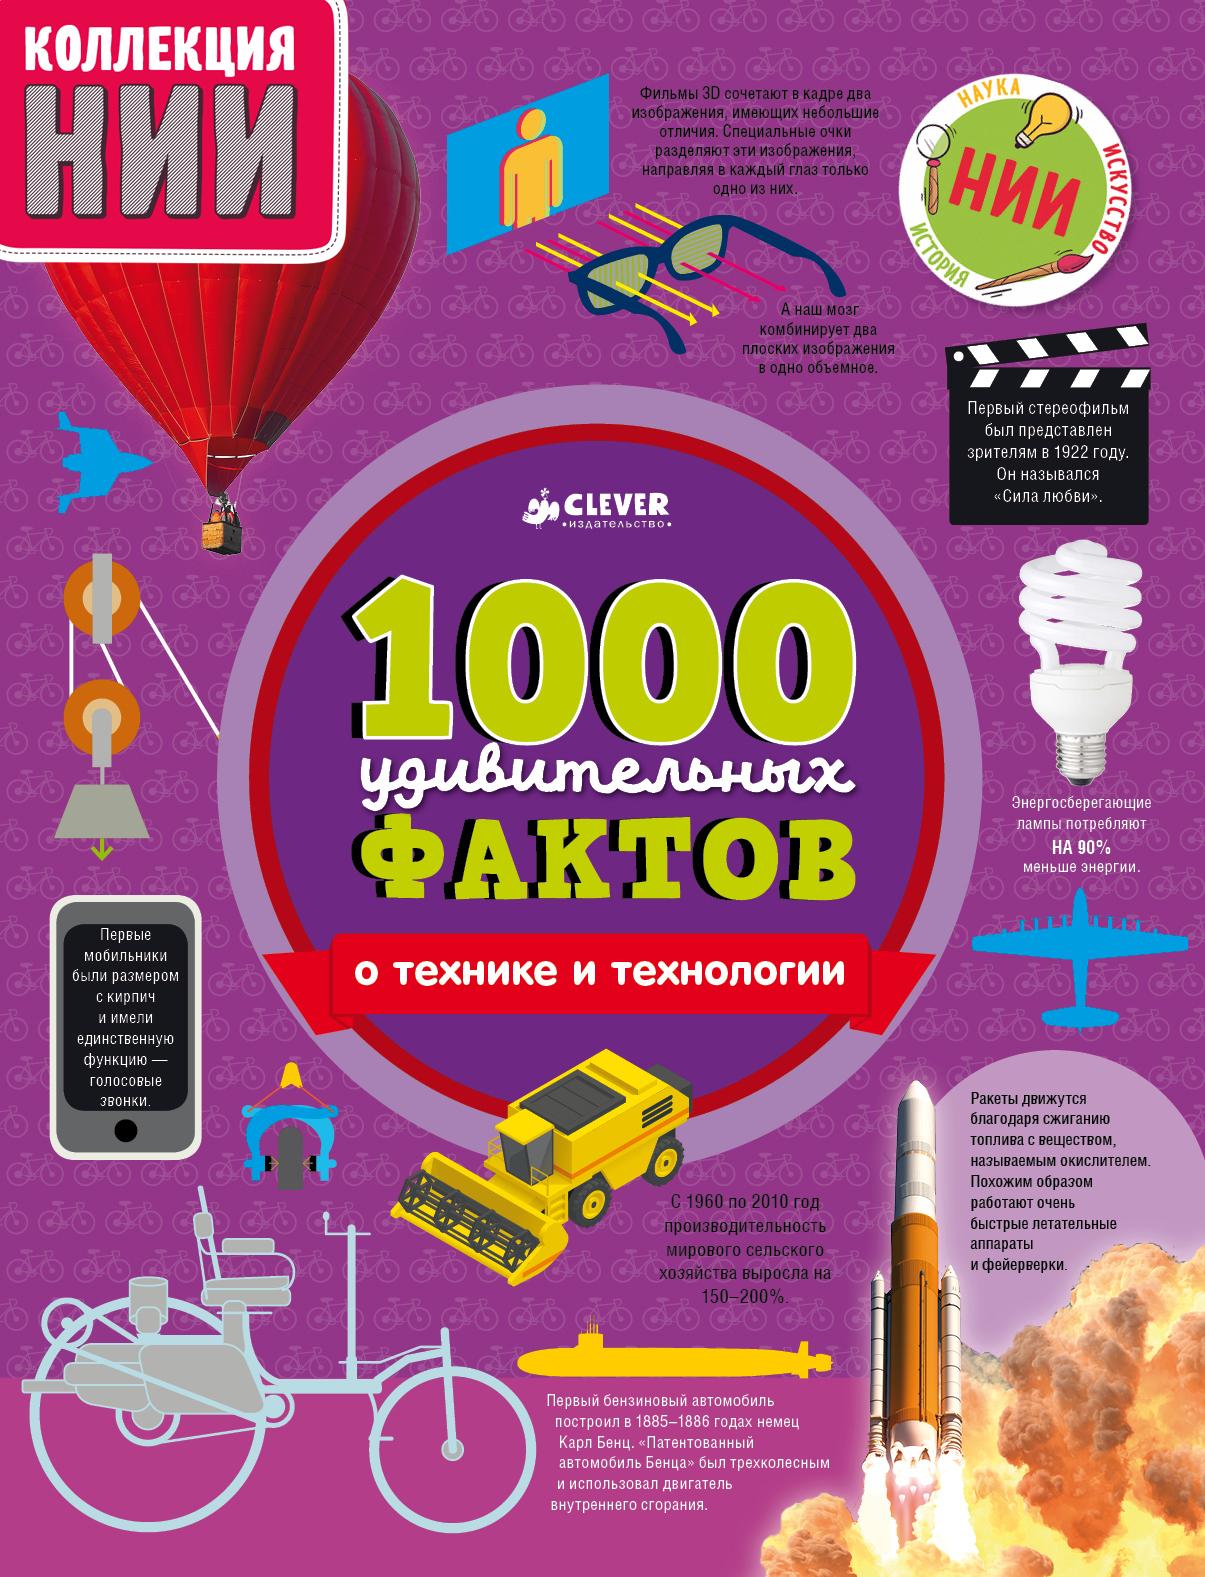 Джон Ричардс 1000 удивительных фактов  технике  технологии